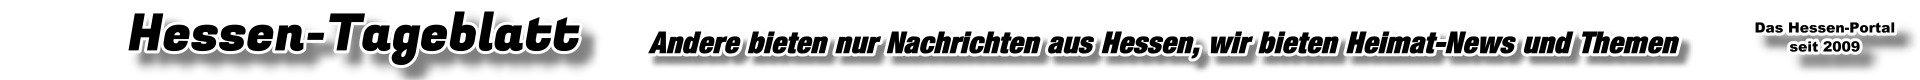 Hessen-Tageblatt-Logo-2017-3